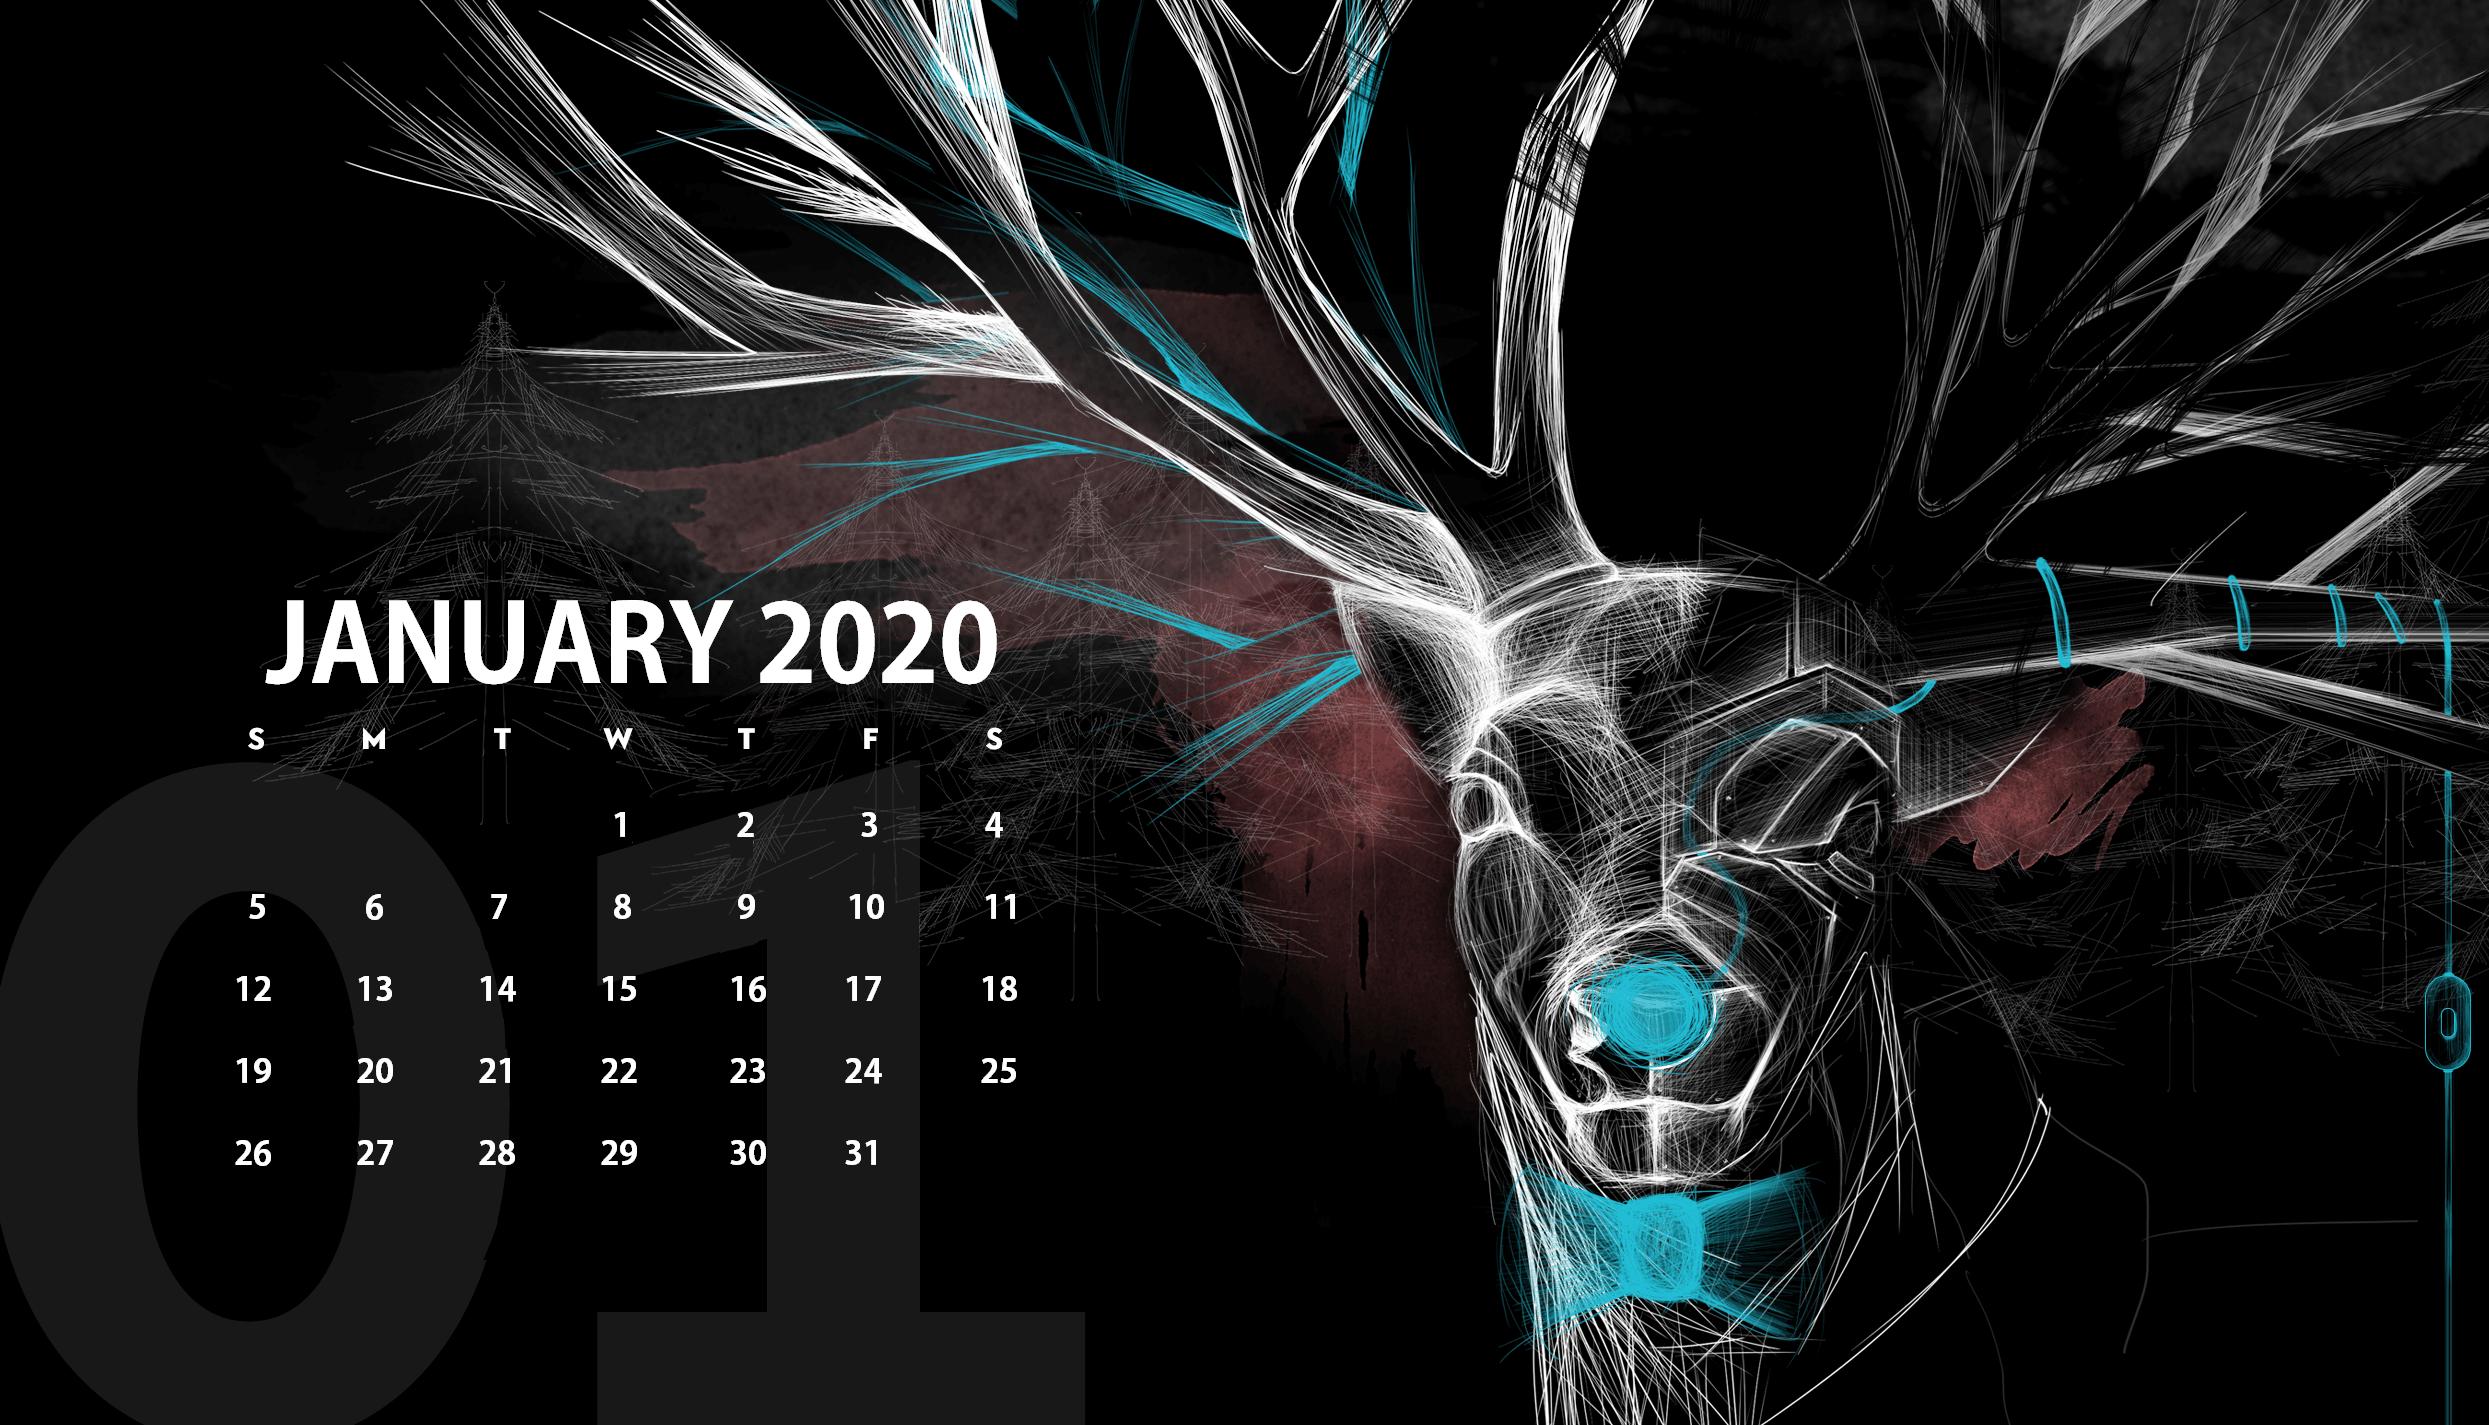 download Desktop 2020 Calendar Wallpaper Calendar 2019 2489x1425